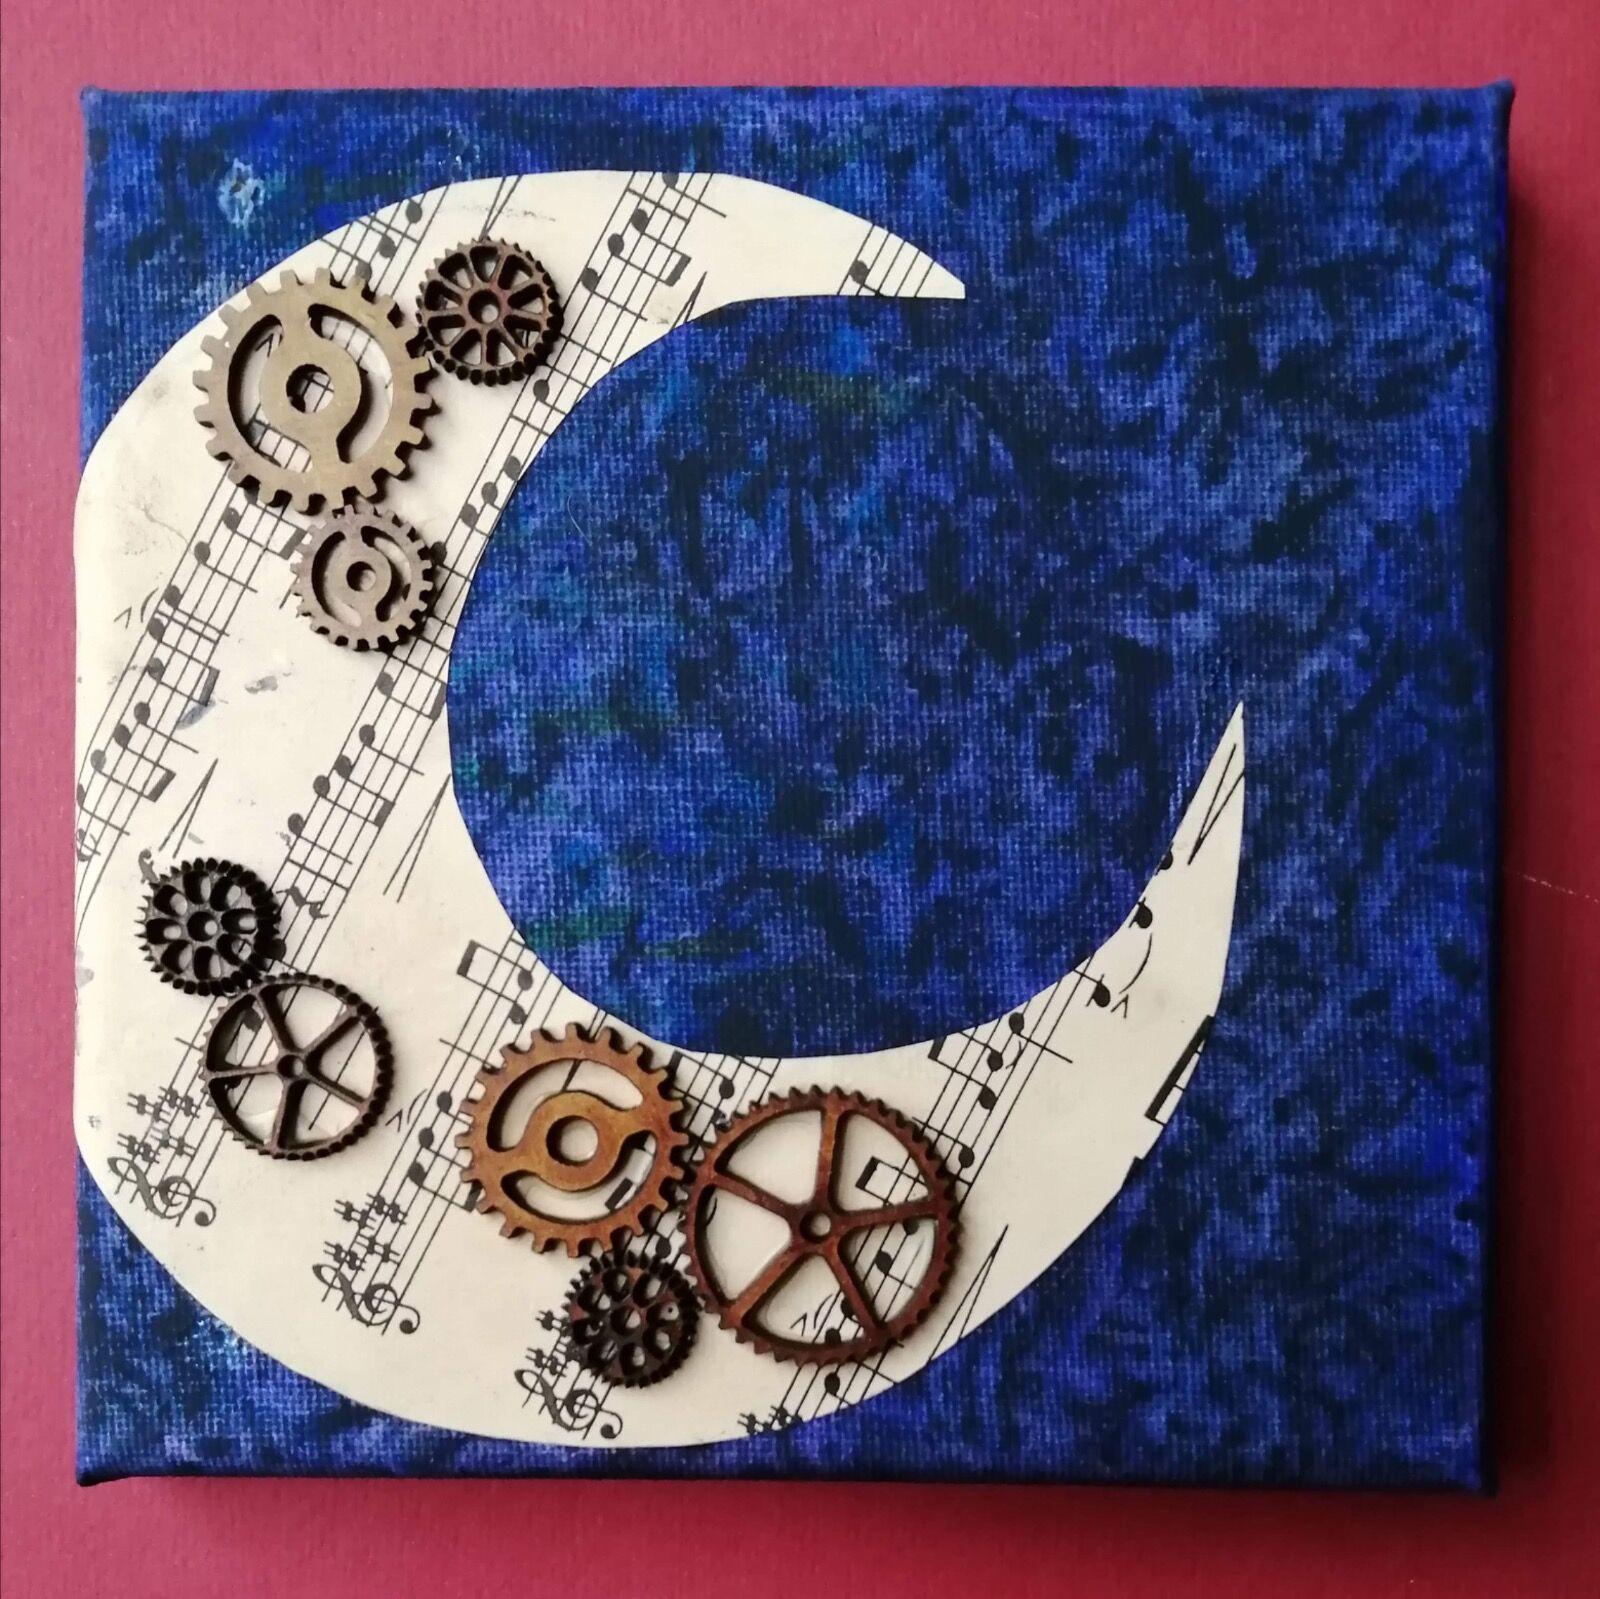 Clockwork Moon #1